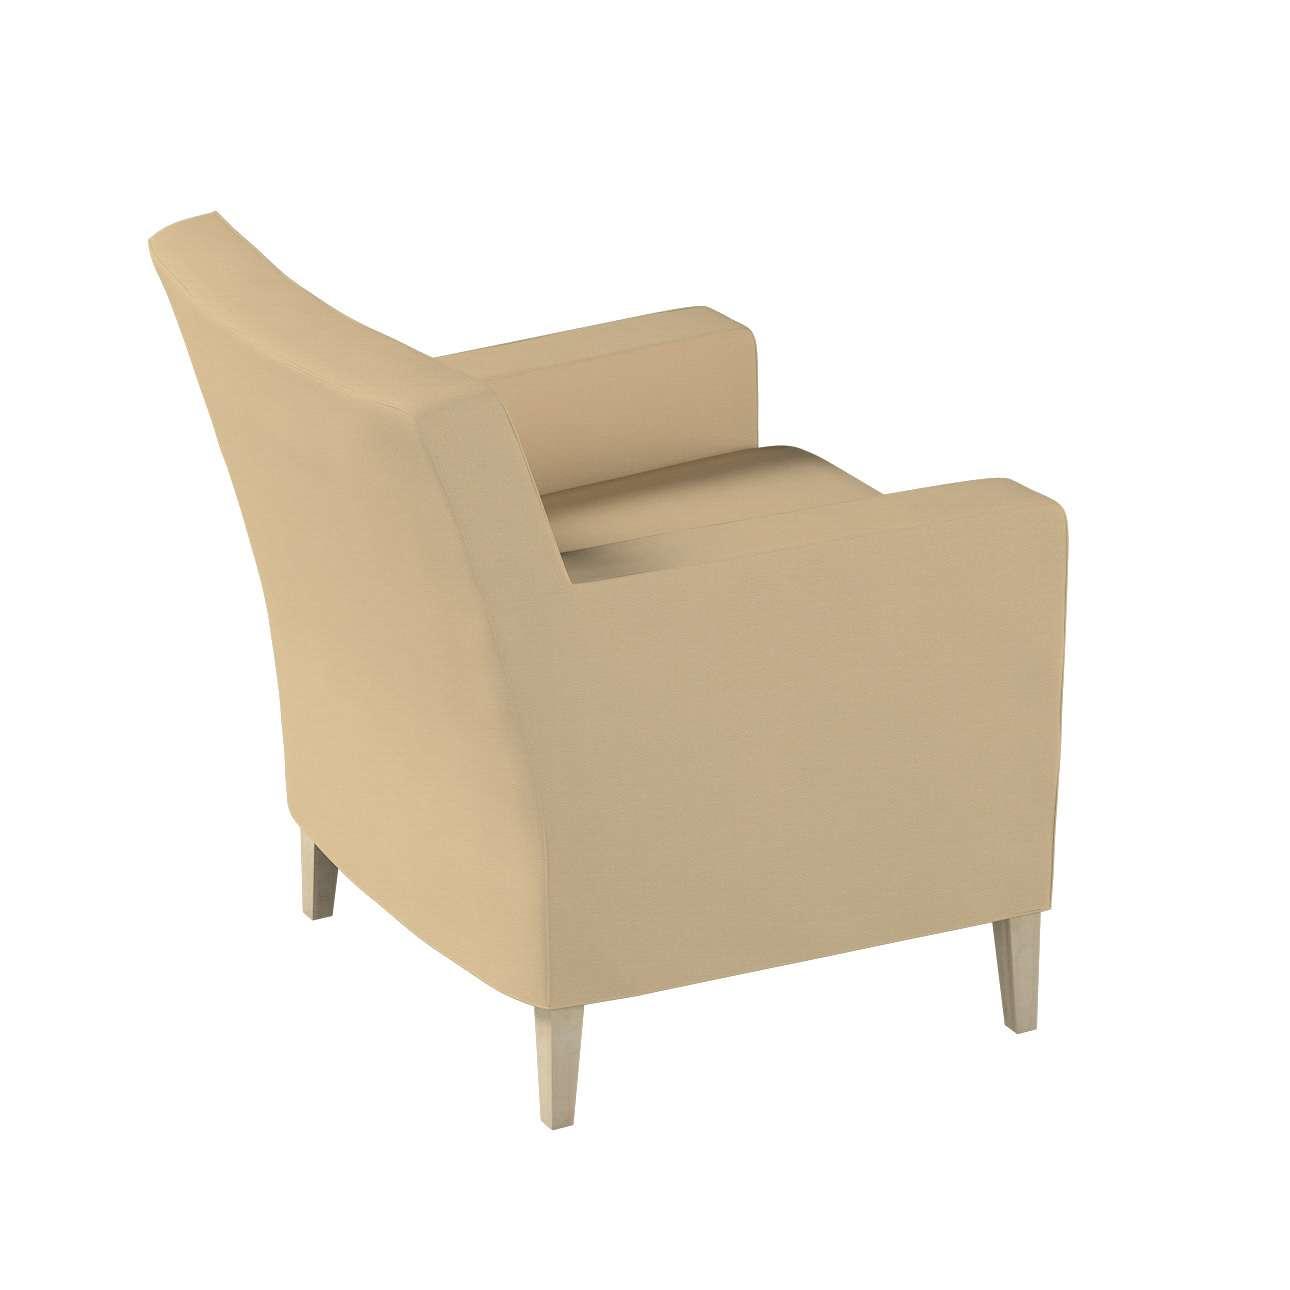 Pokrowiec na fotel Karlstad w kolekcji Cotton Panama, tkanina: 702-01